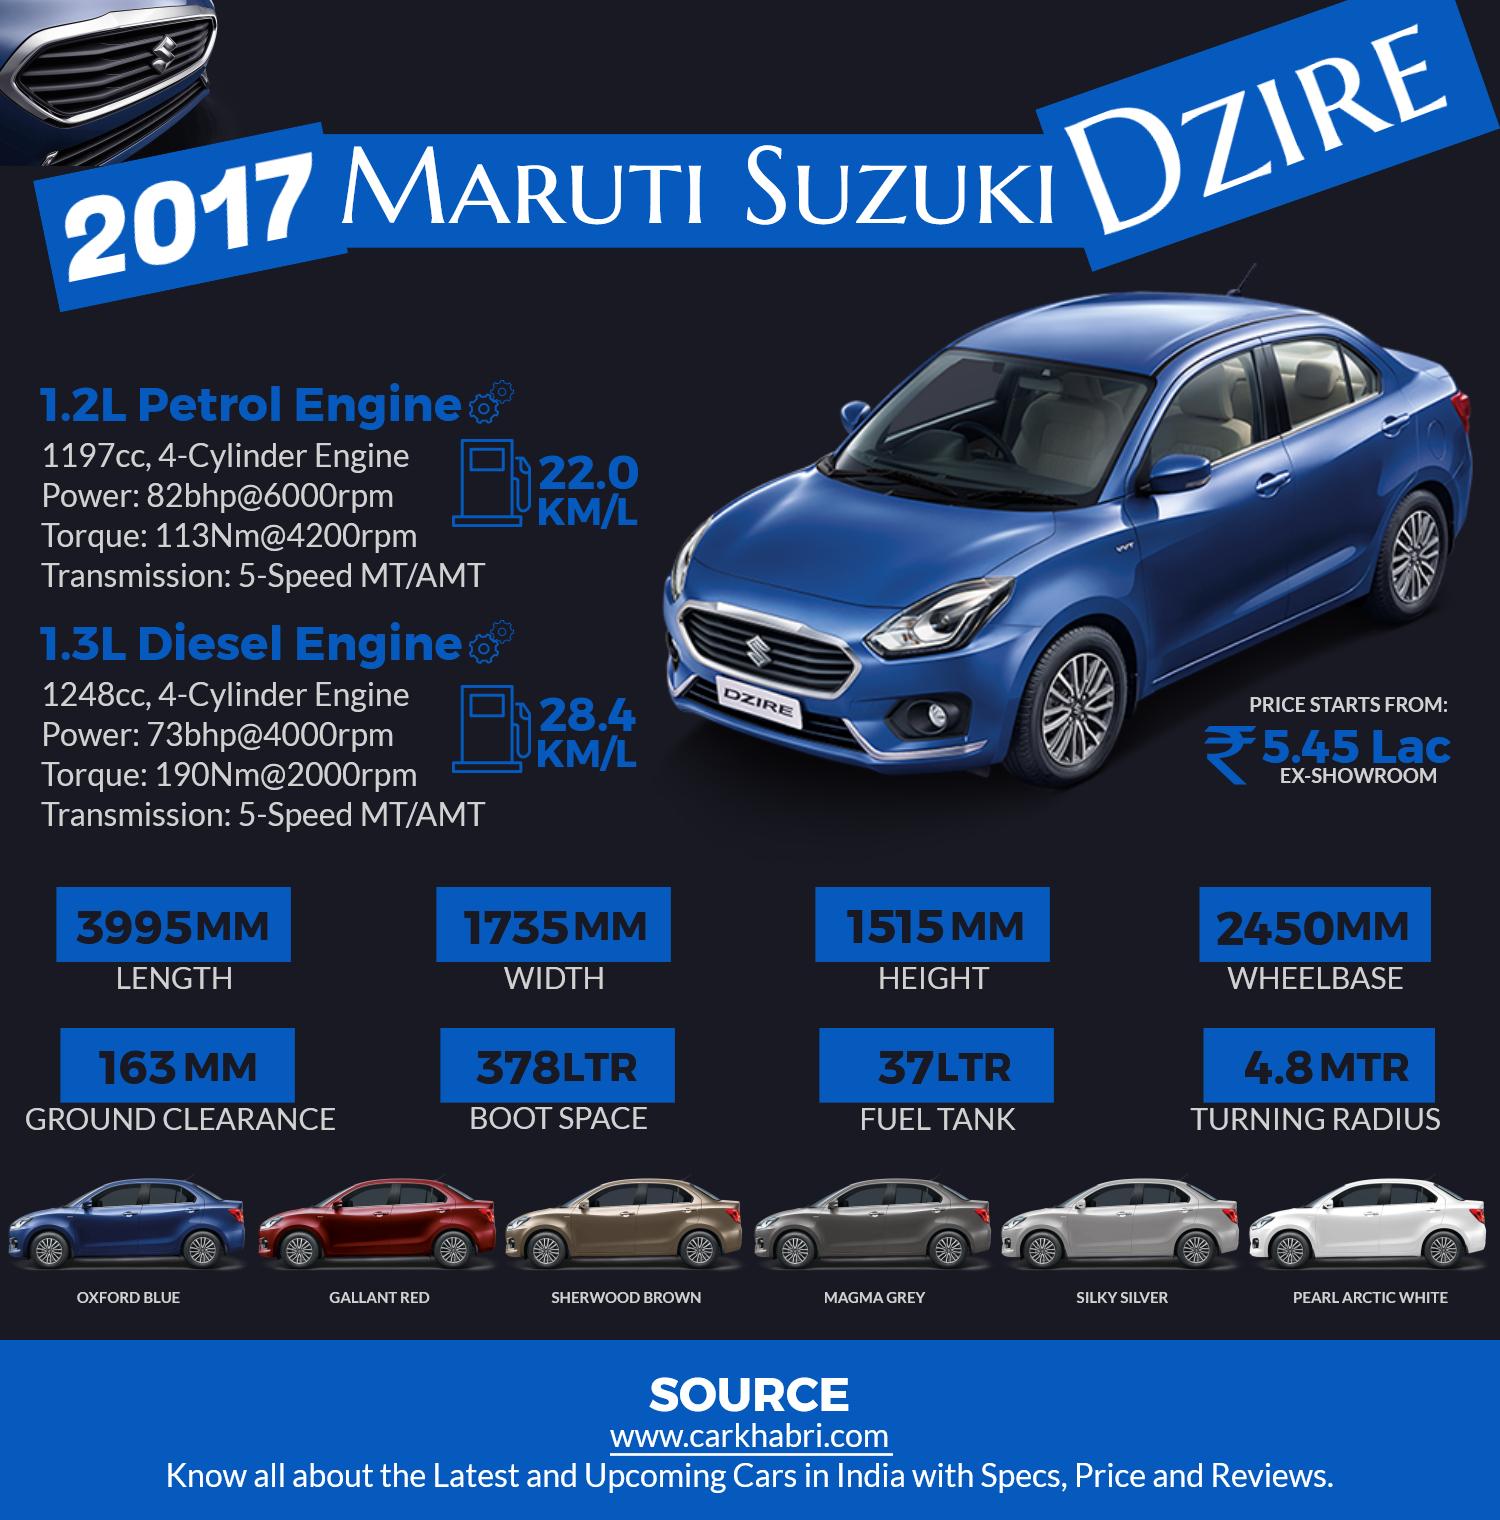 New Maruti Suzuki Dzire Infographic